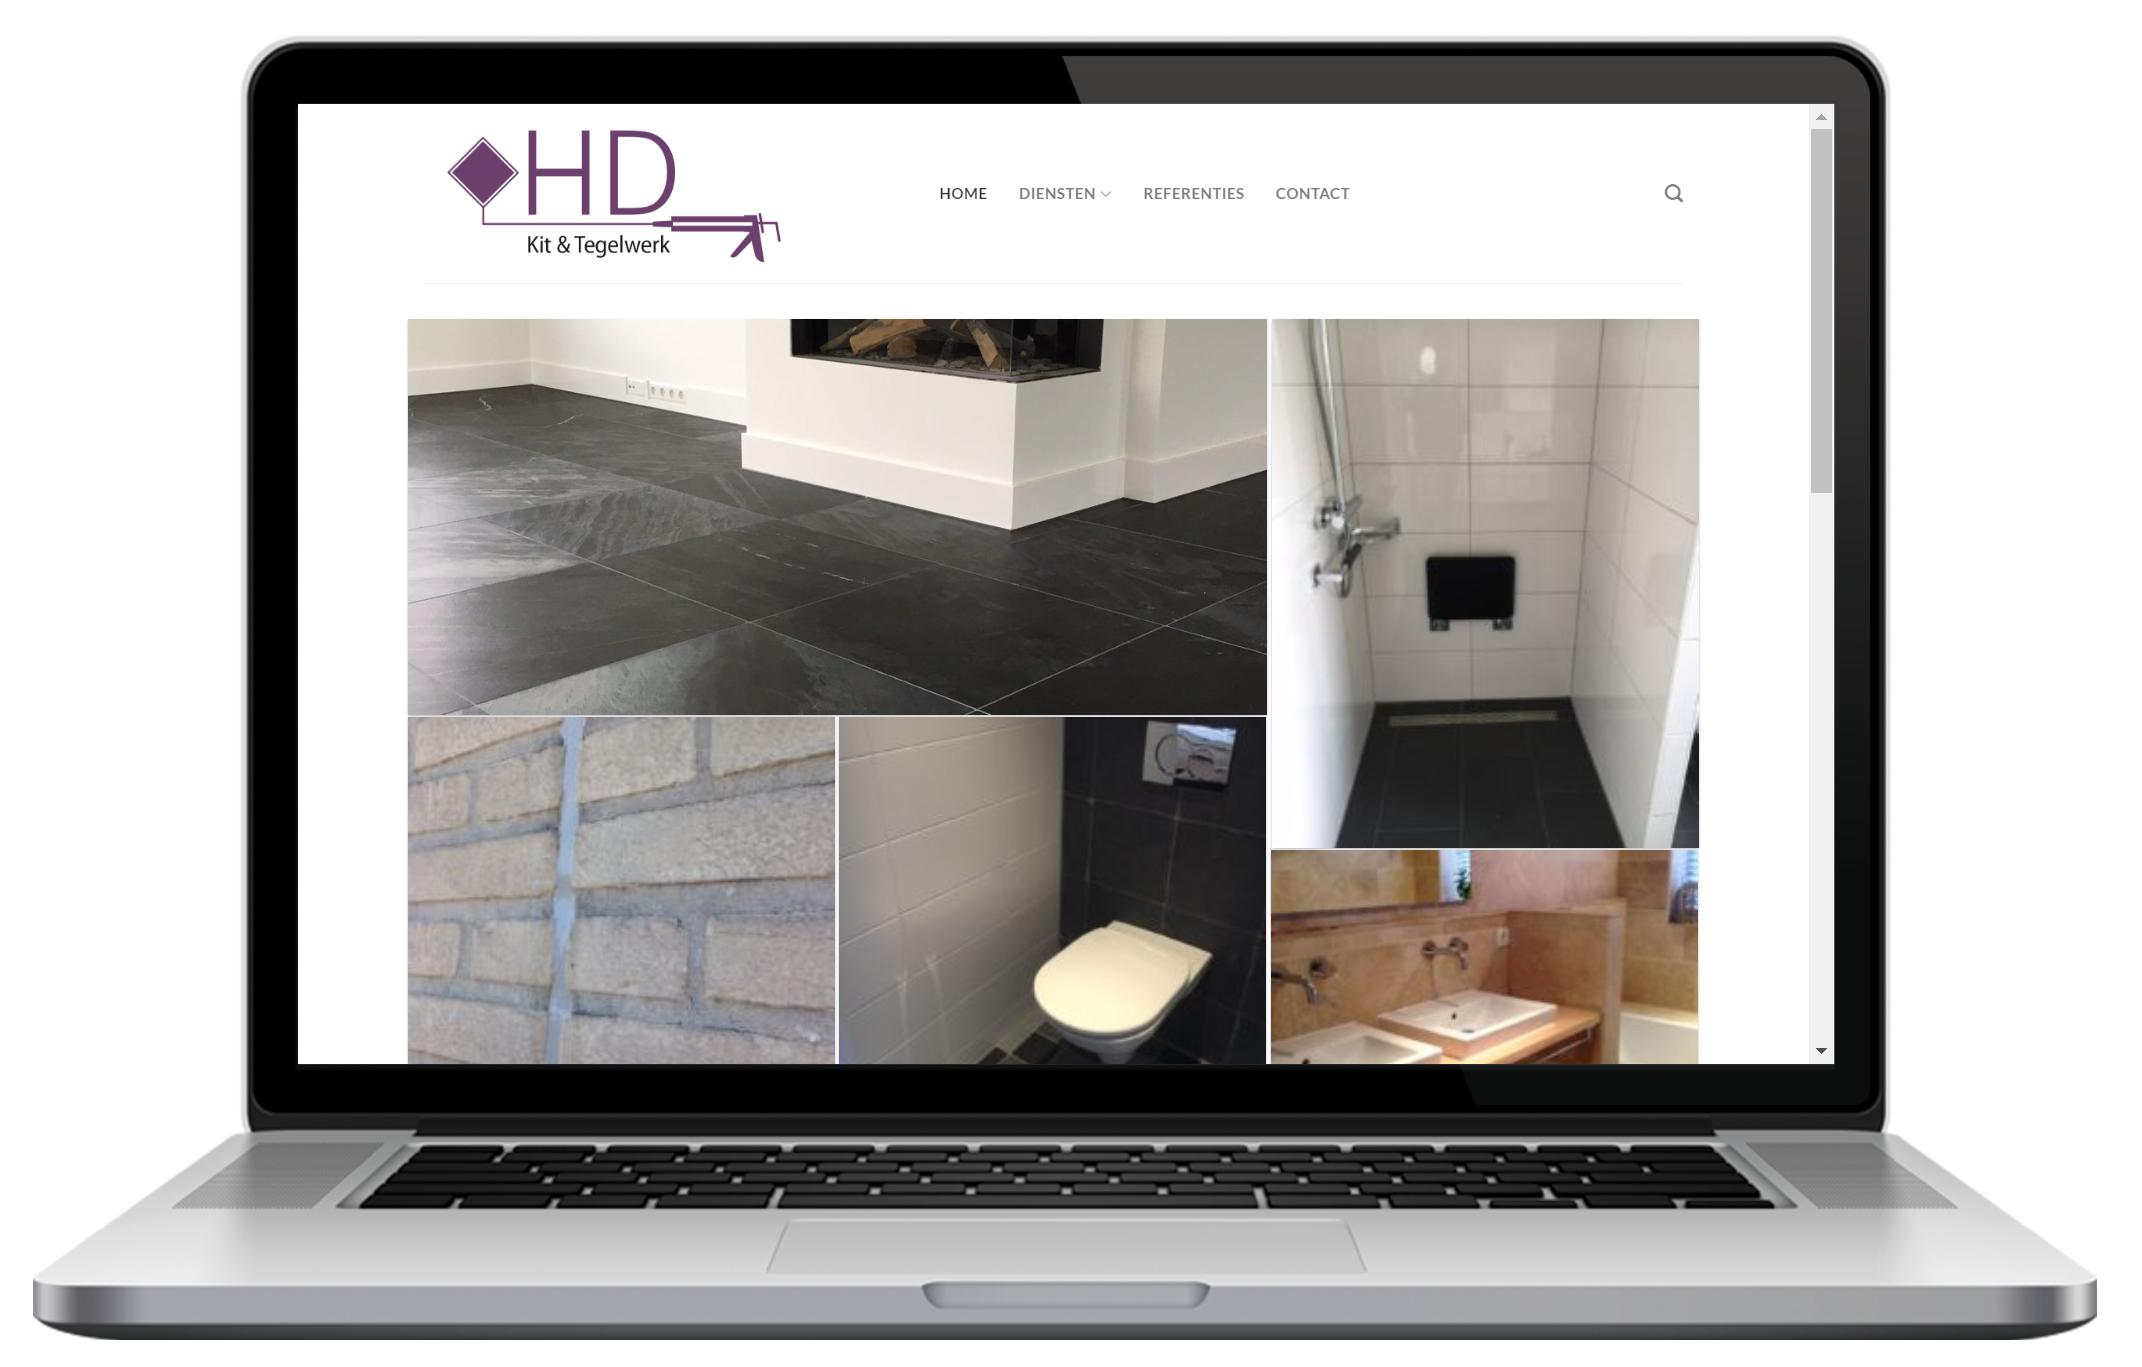 HD Kitwerk Macbook 1280 x 800